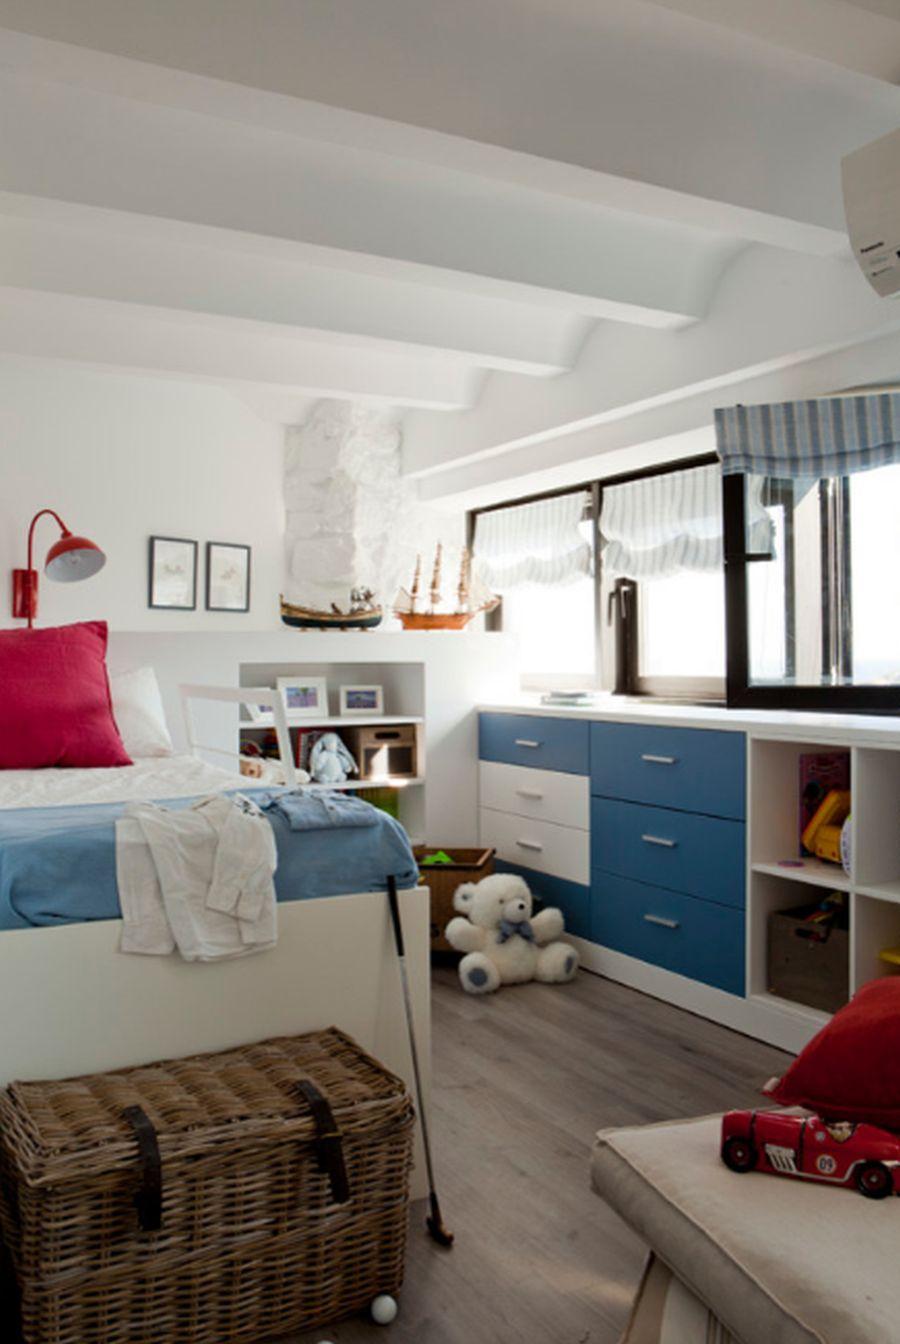 adelaparvu.com despre apartament duplex cu vedere la mare, Costa Brava, designer Pia Capdevila (13)